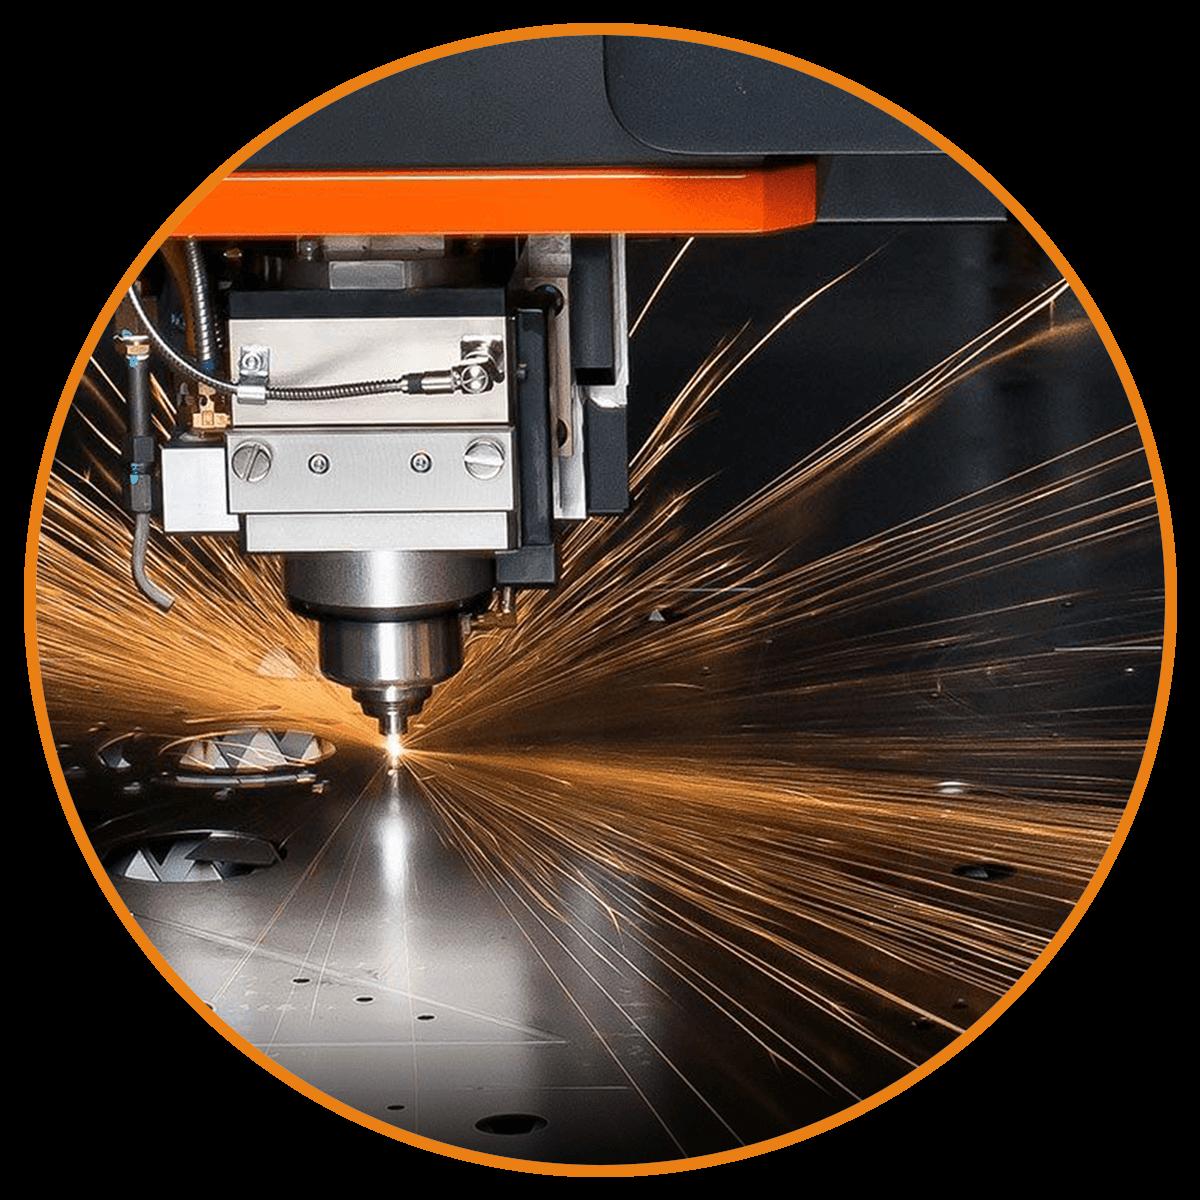 """Laser Cutter - Nuestro Laser Cutter trabaja dentro de un espacio máximo de 24"""" x 18"""". Tiene la capacidad de cortar madera, acrílico, tela, cartón y papel. El servicio tiene un costo de $45 por la primera hora, luego $12 por hora de labor y .70 centavos por minuto de corte para clientes comerciales. Costo para estudiantes es de $45 por la primera hora, luego $10 por hora de labor y .50 centavos por minuto de corte.Notas: Digitalización de artes tiene un costo de $45 por arte. El formato de dibujo debe ser en .DWG. El dibujo debe tener asignado el color rojo para línea de grabado y verde para línea de corte. Se trabaja por cita previa."""